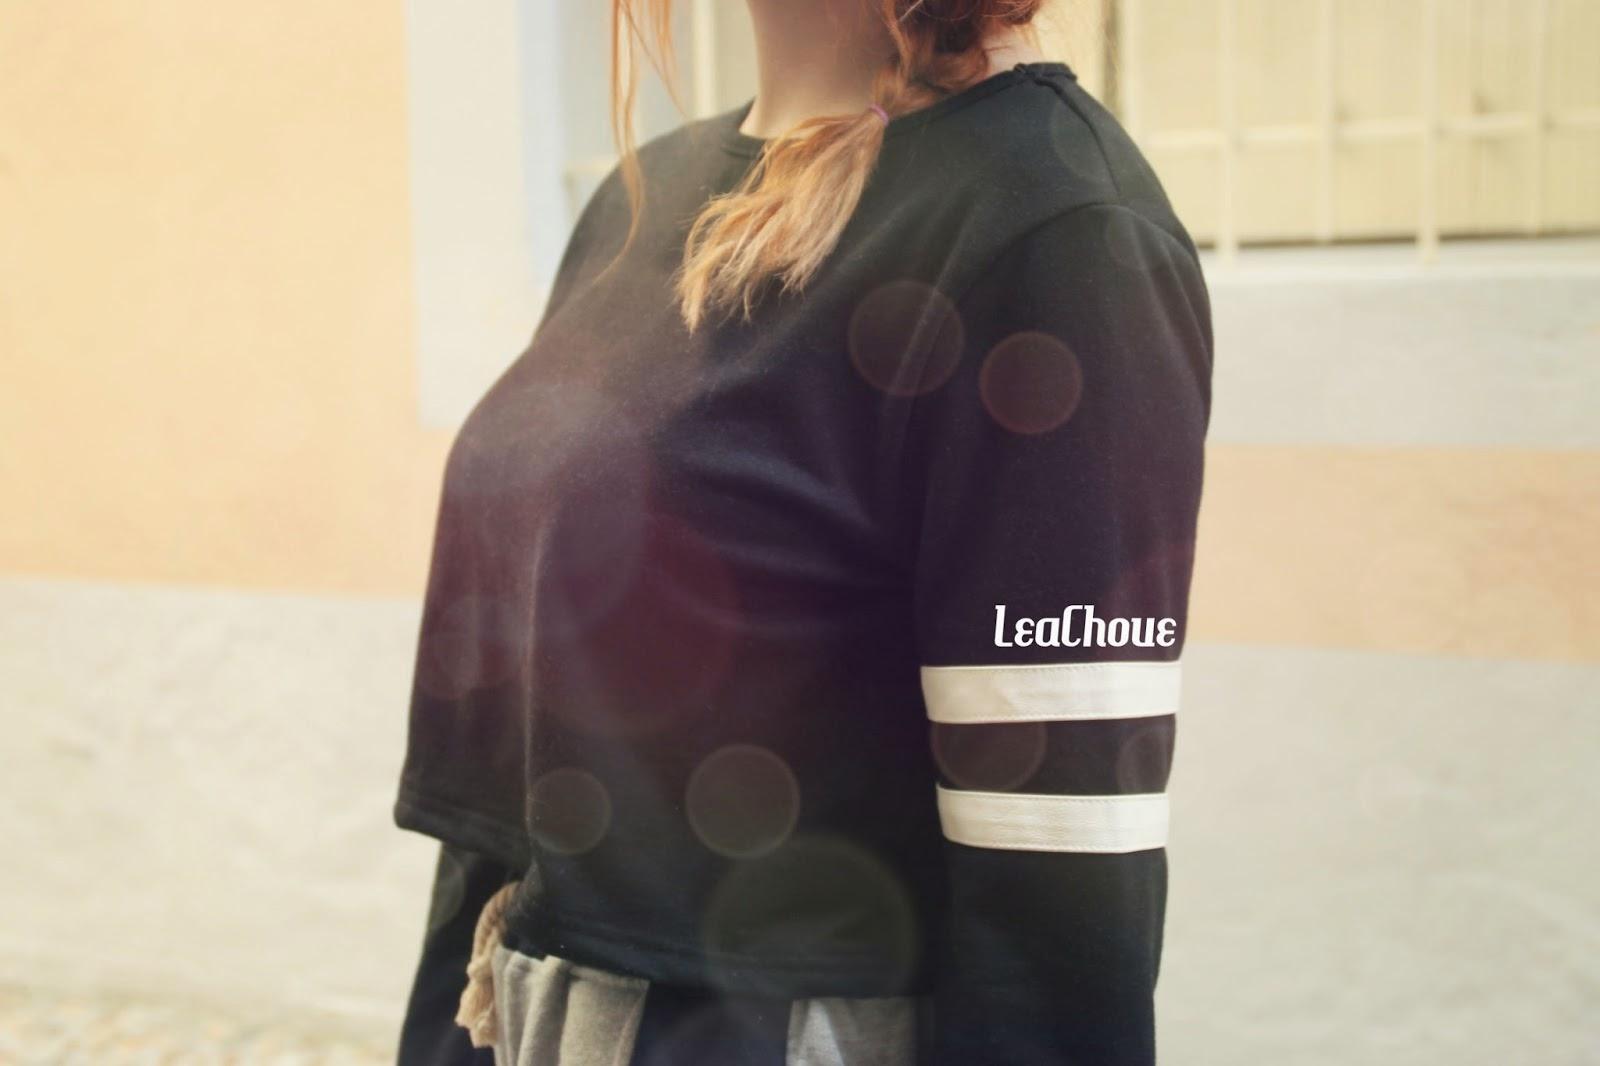 http://www.leachoue.com/2014/10/look-sportswear-leachoue.html